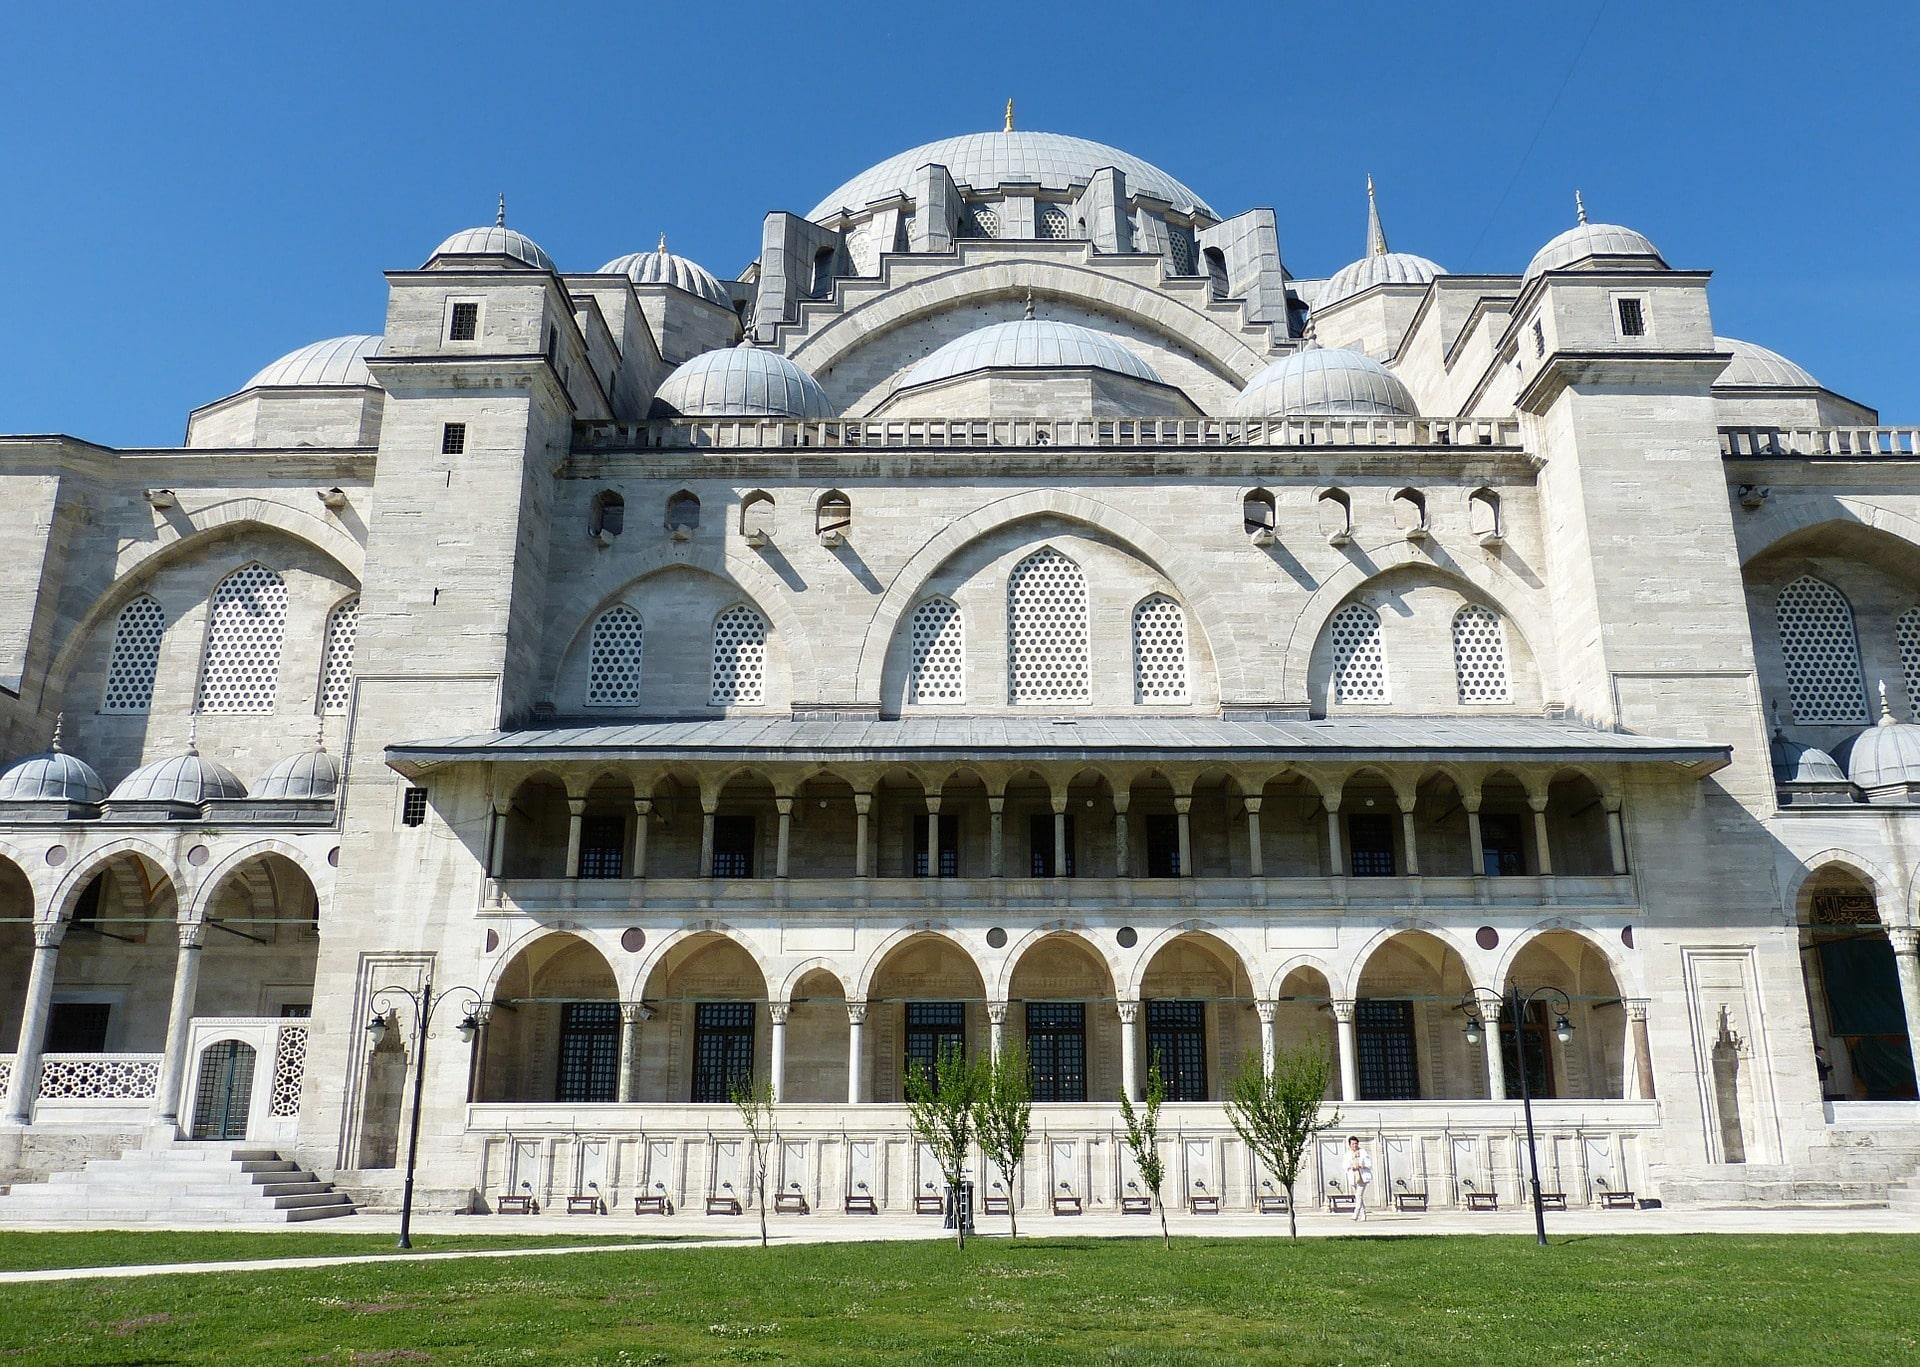 Istanbul Sehenswürdigkeiten: Süleyman Moschee